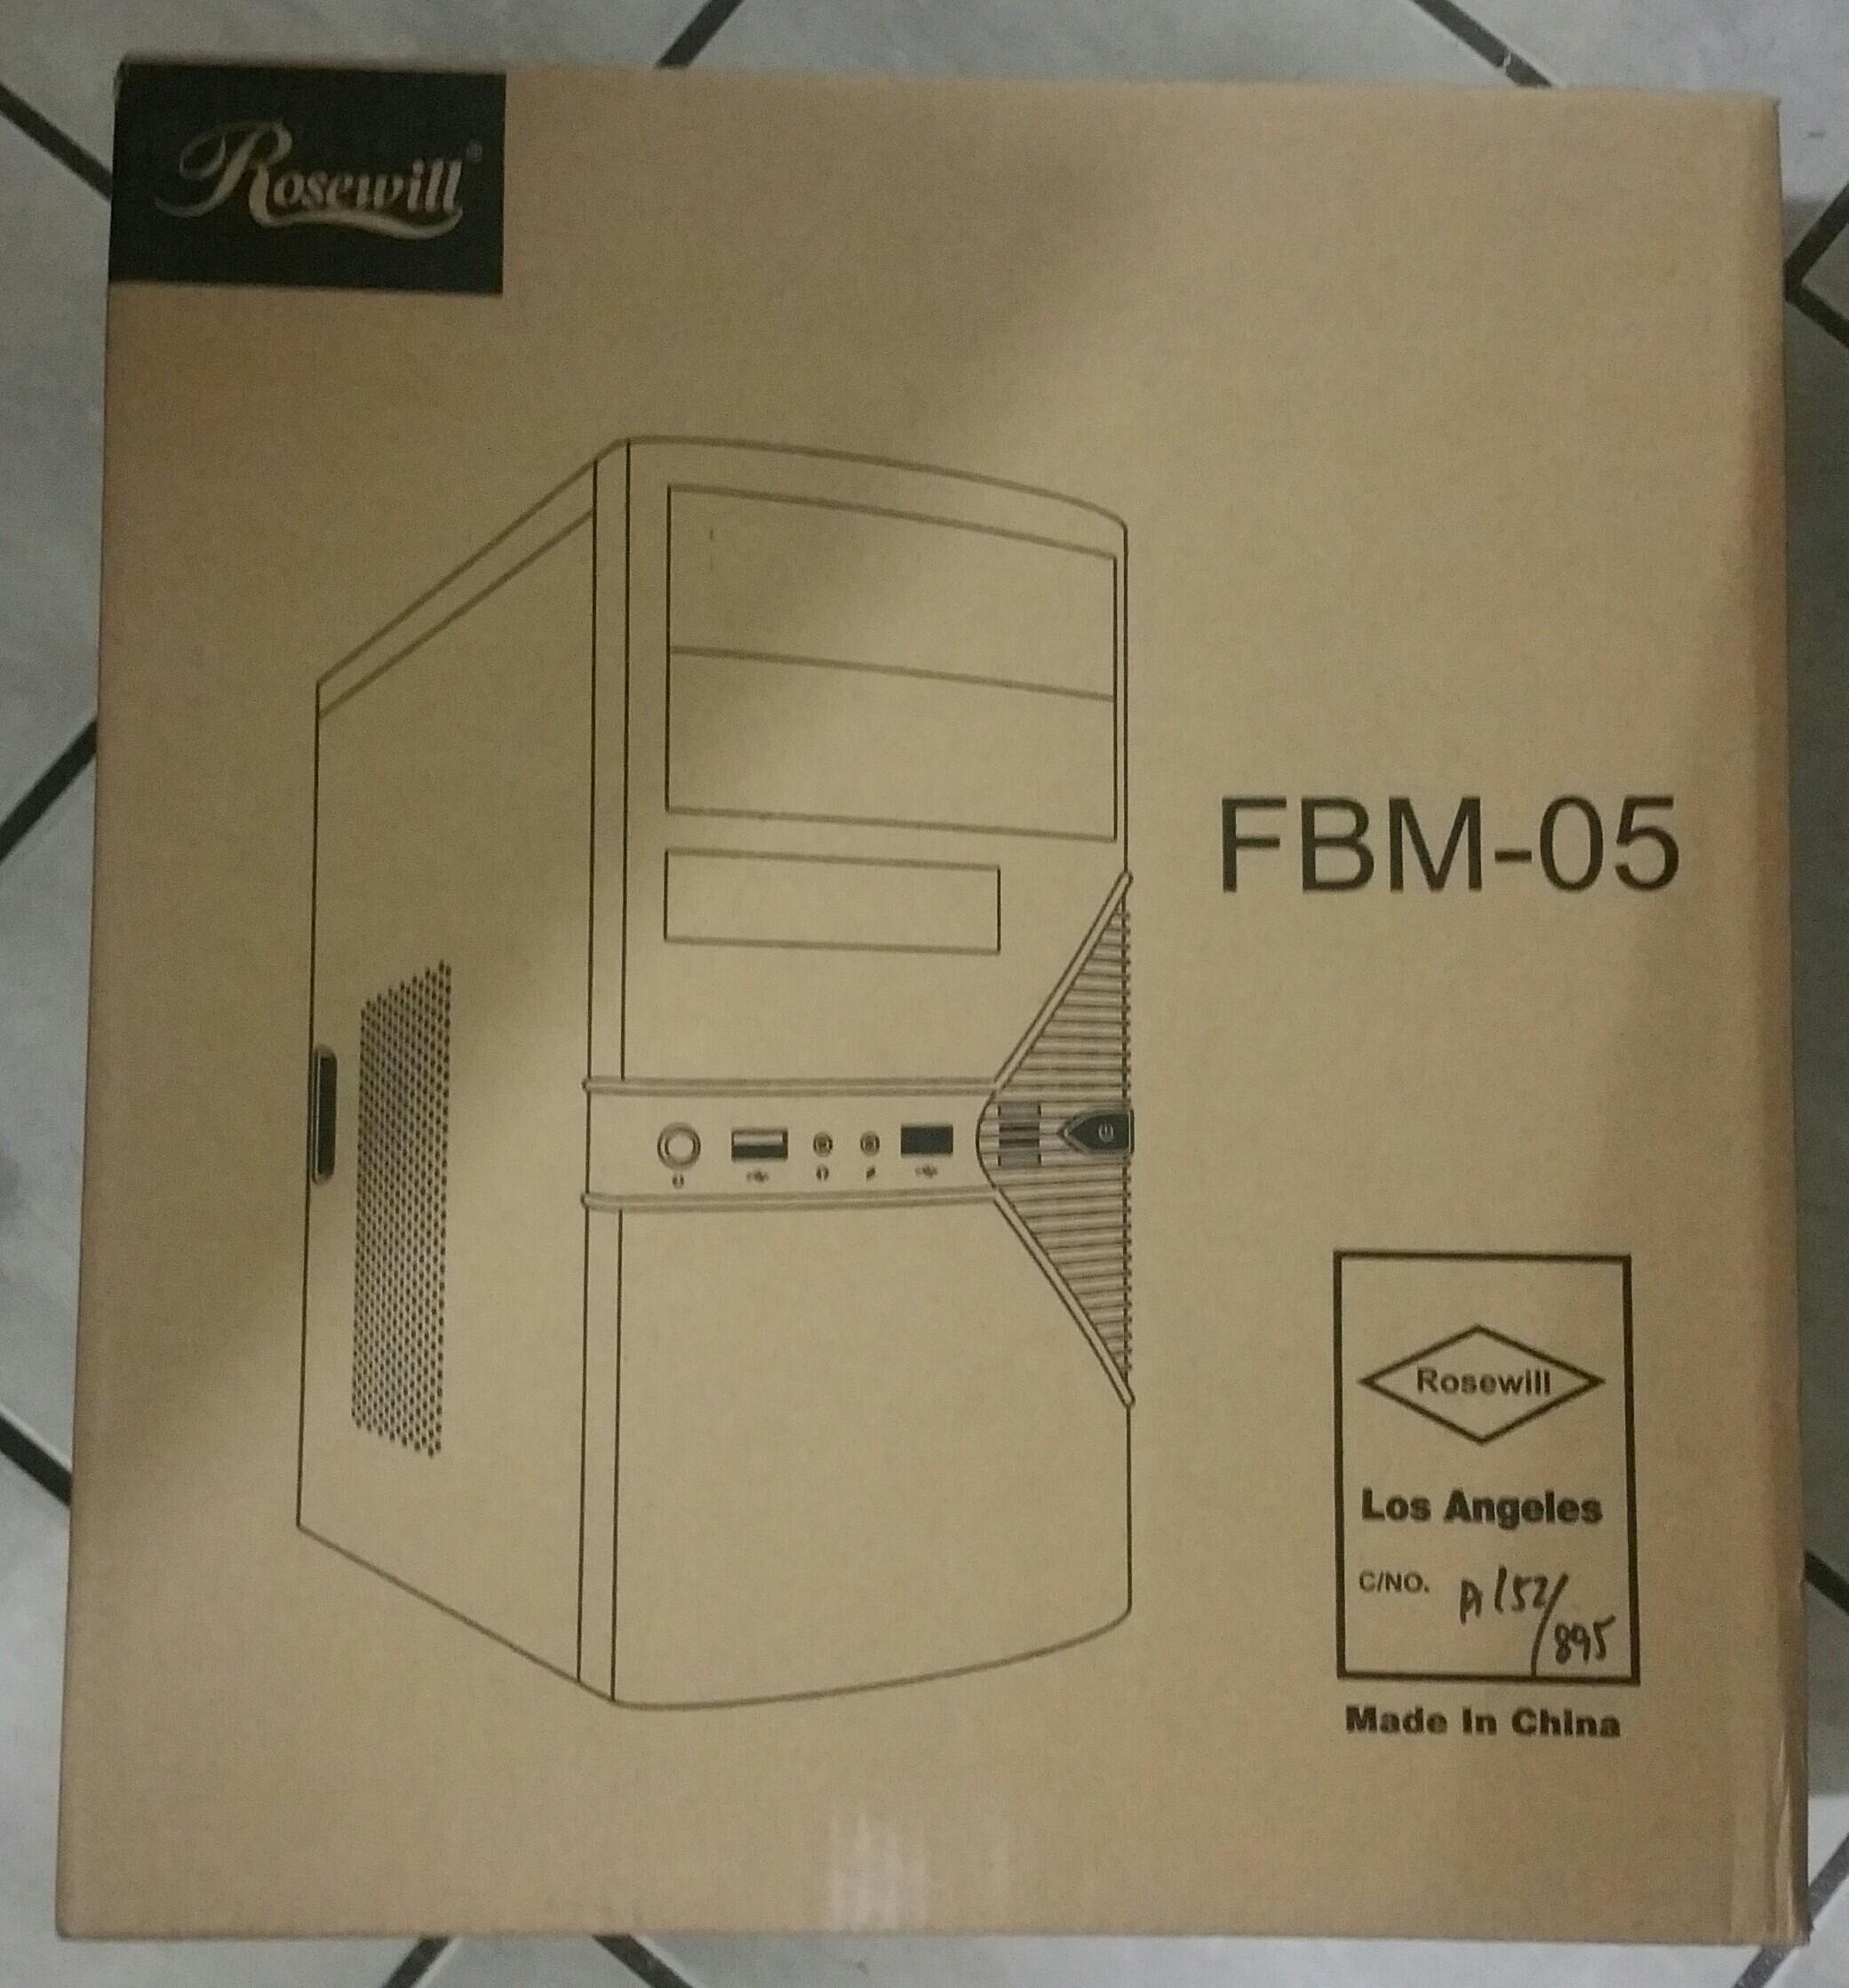 Rosewill FBM-05 Box